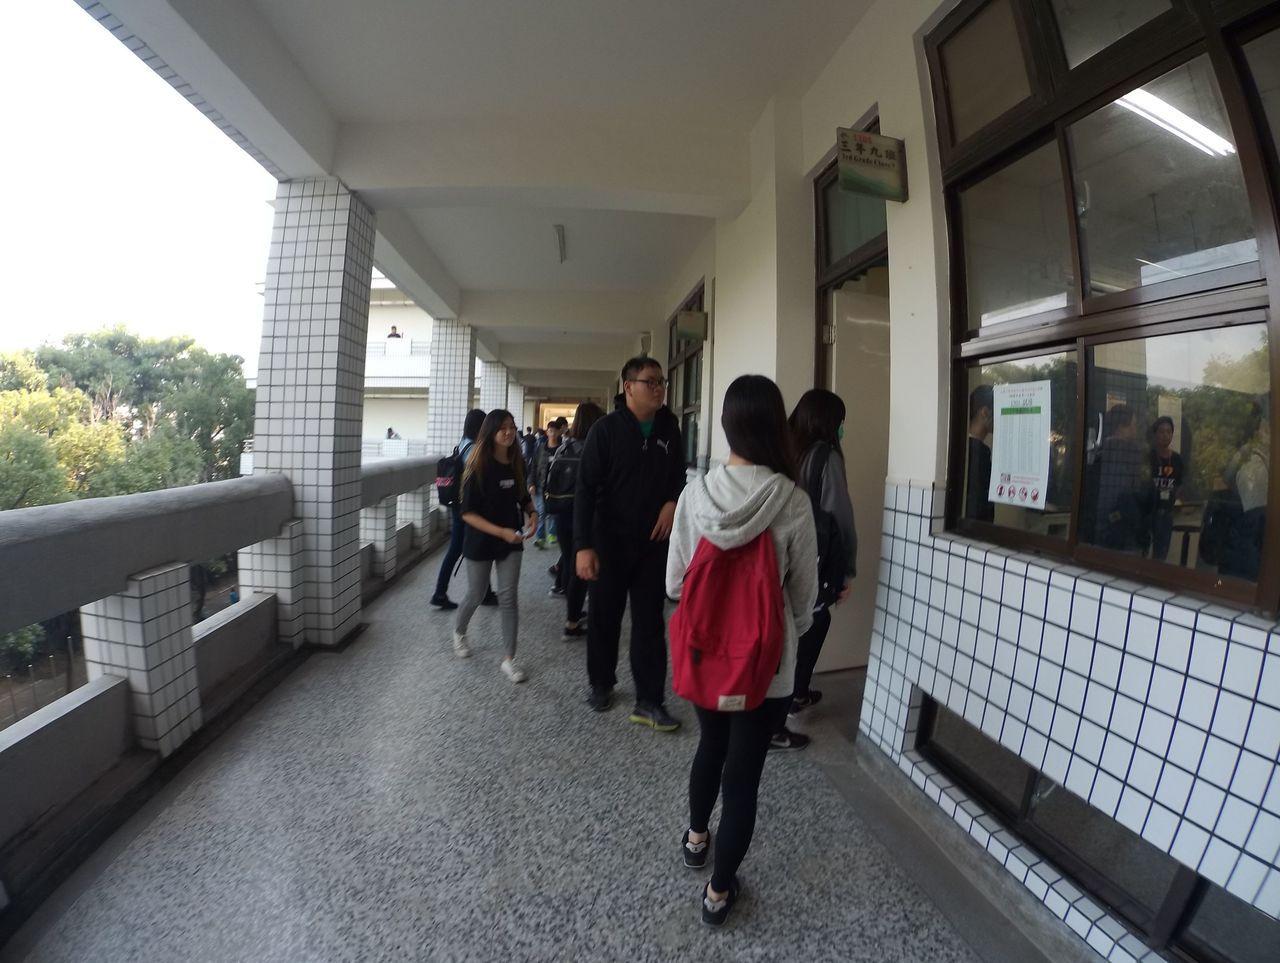 108學年度第二次高中英語聽力測驗今天舉行,考生進入試場。圖/高雄大學提供